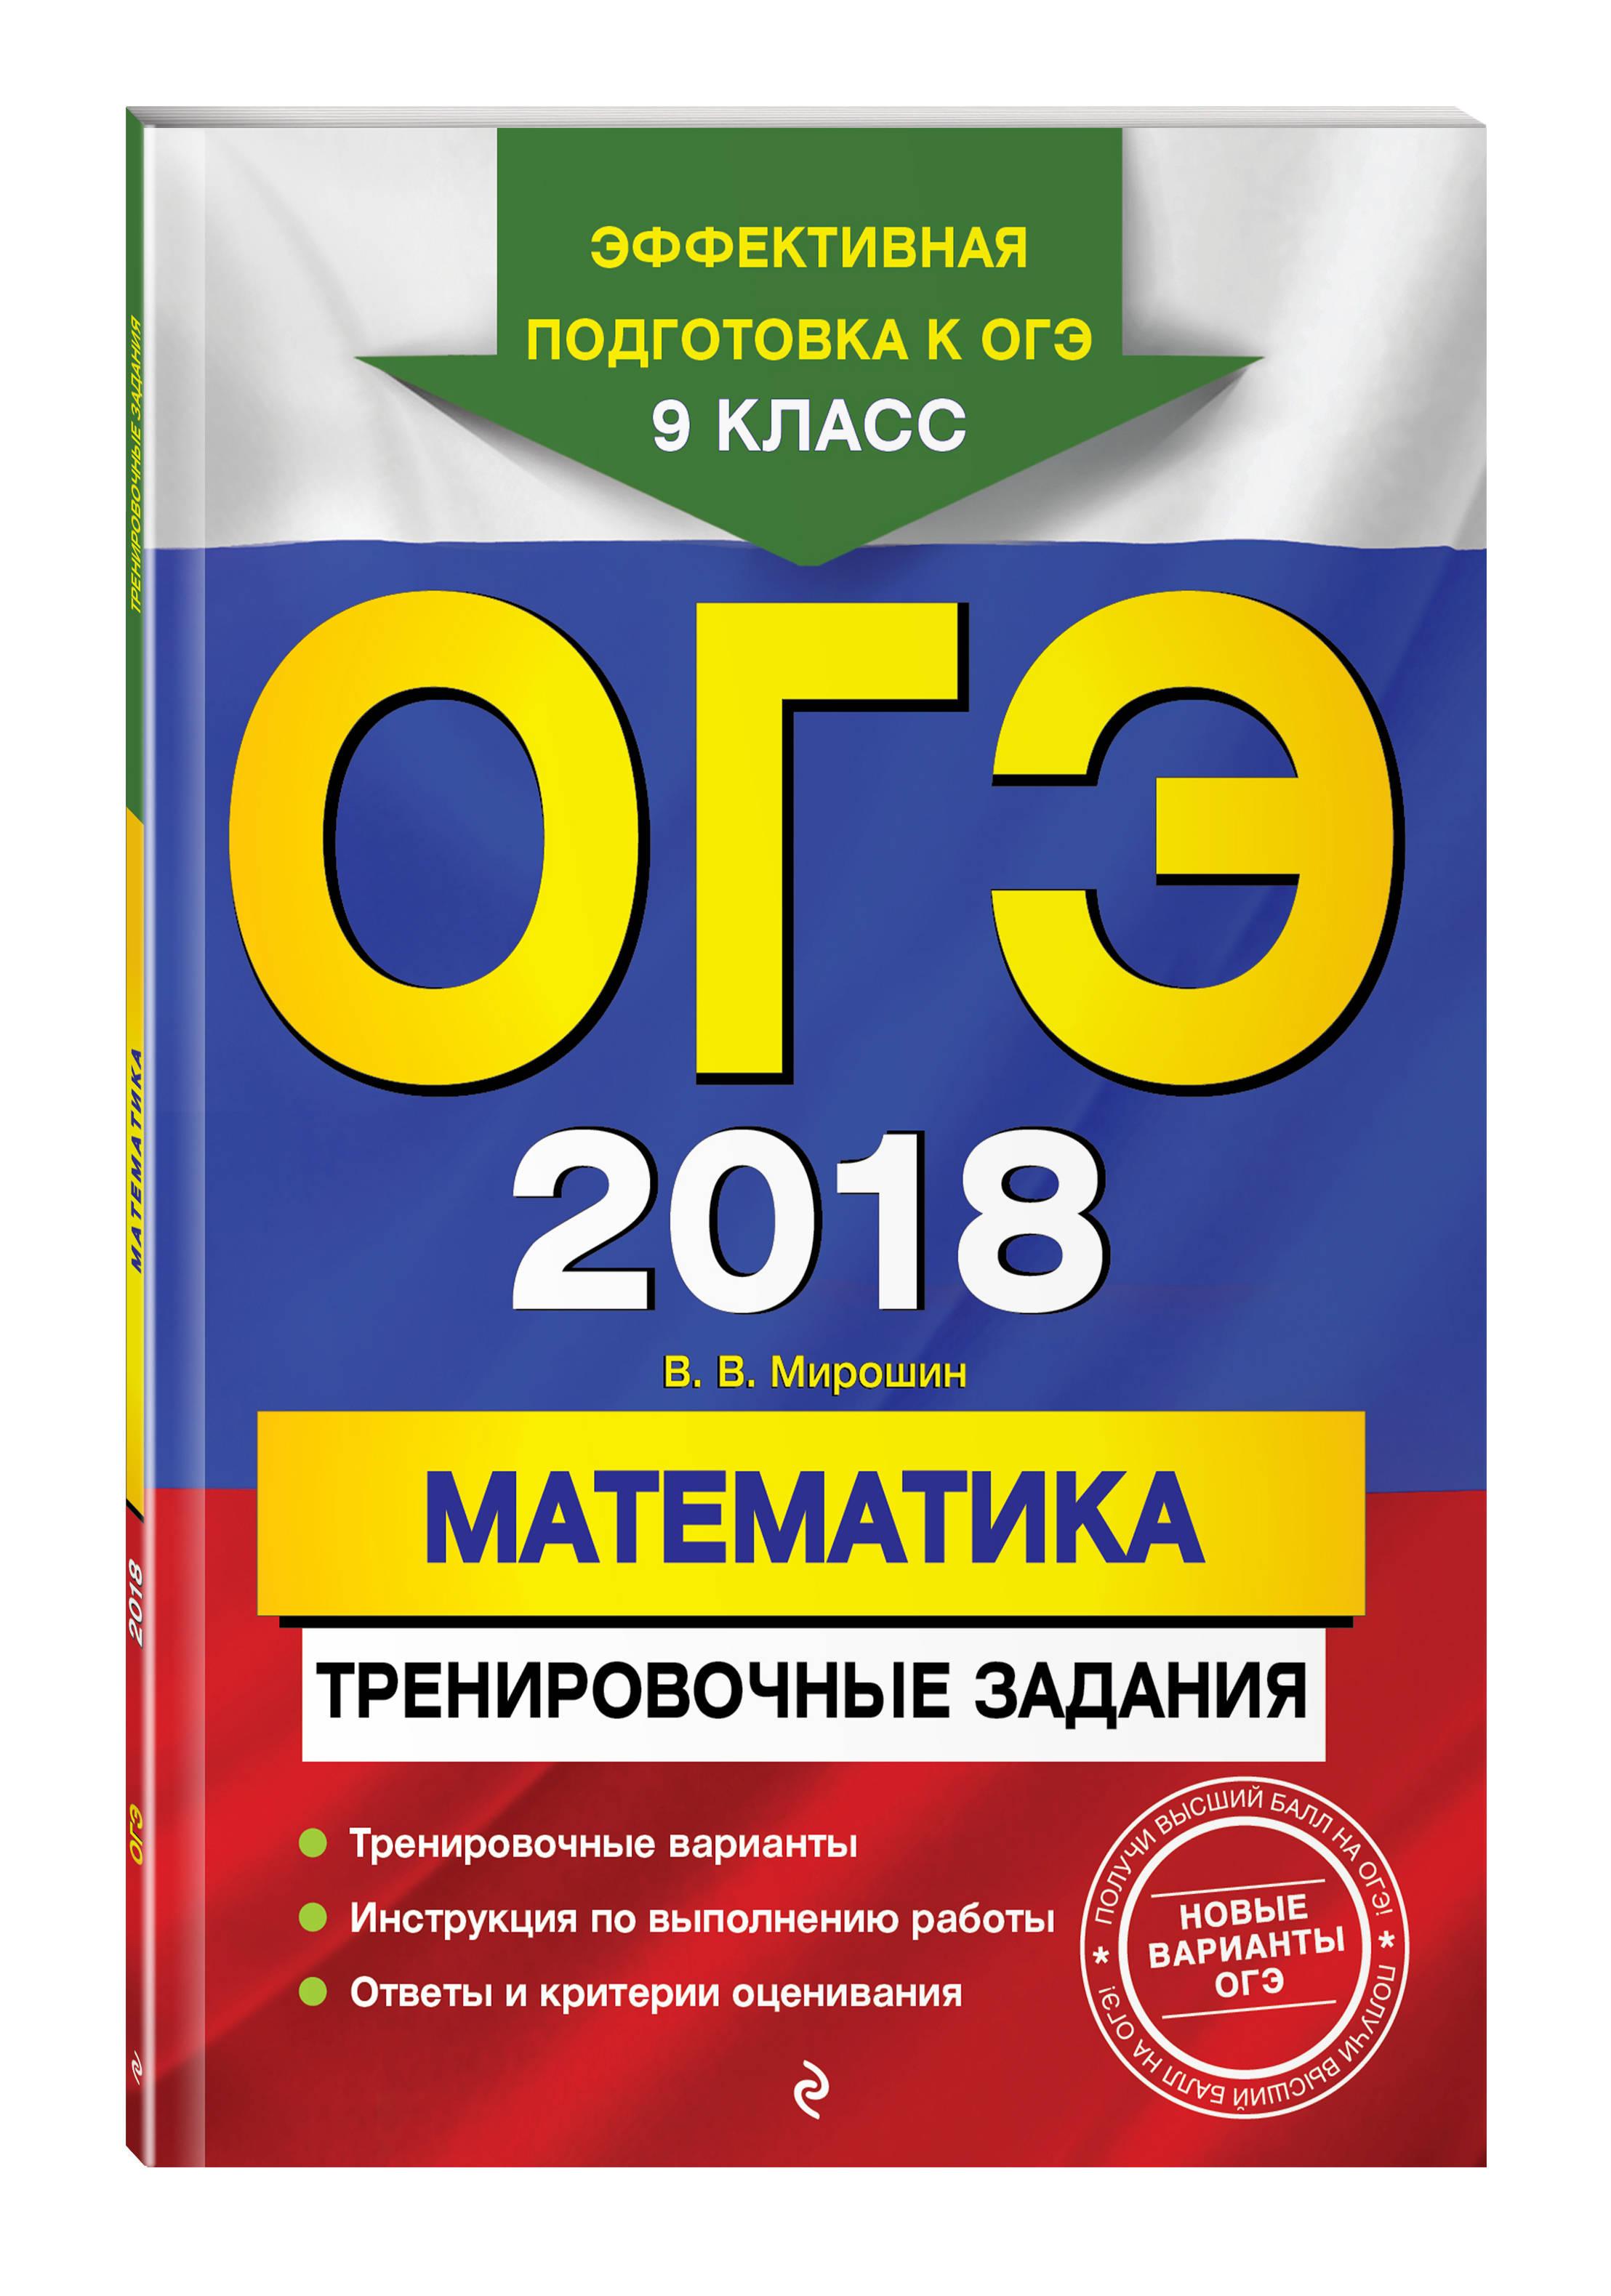 ОГЭ-2018. Математика: тренировочные задания от book24.ru